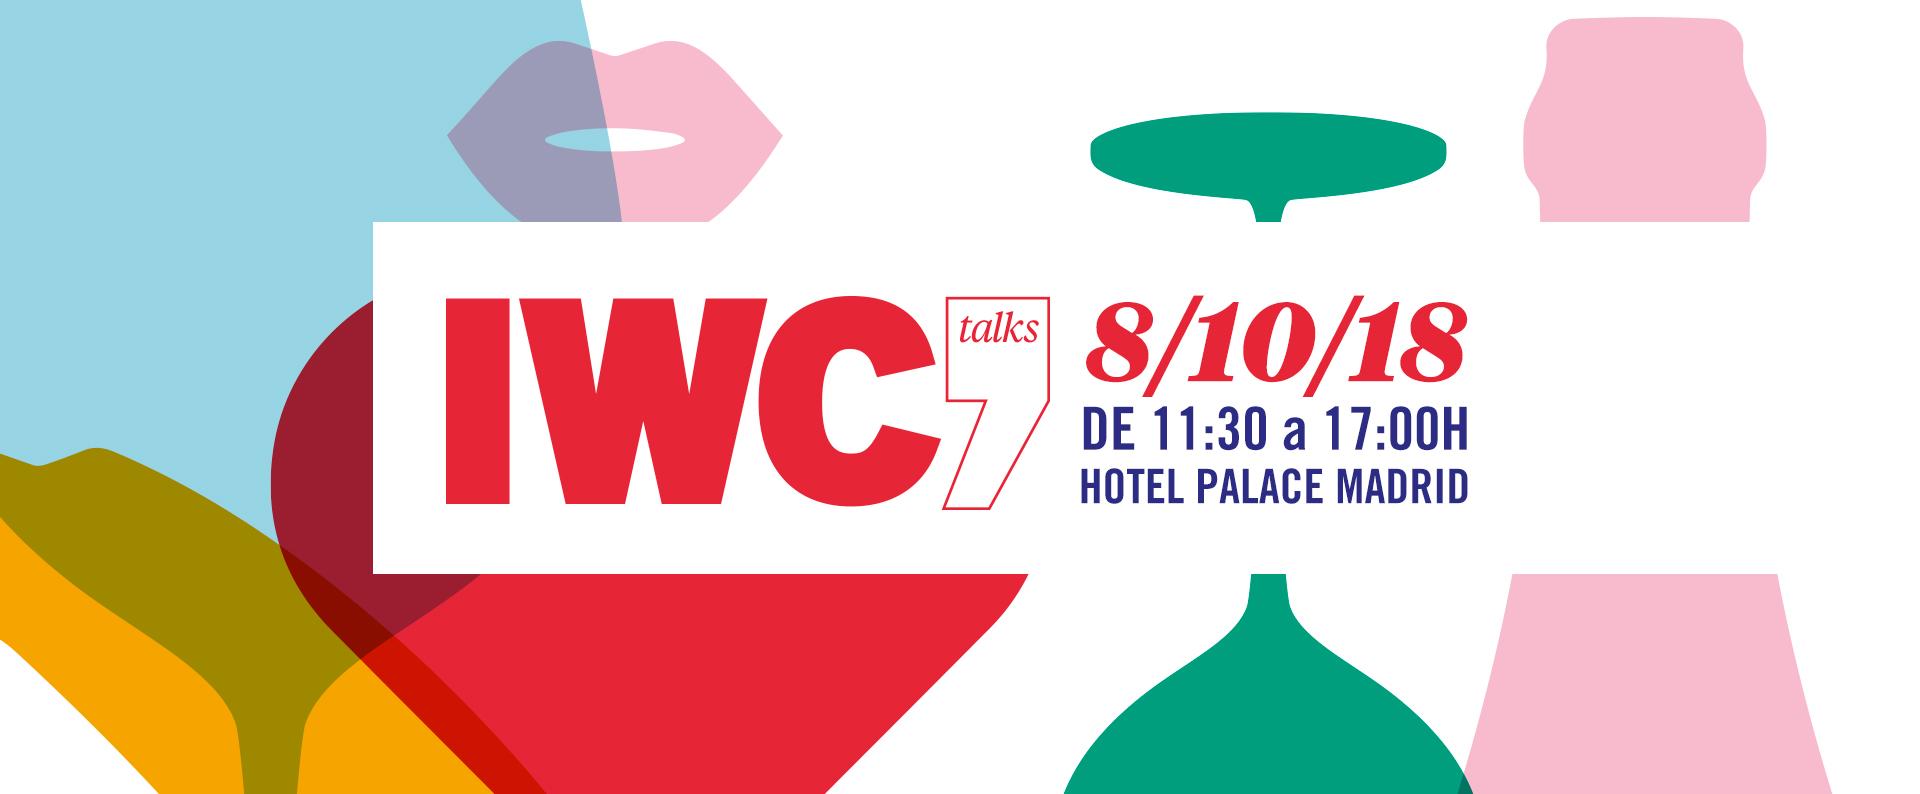 IWC Talks del (IWC Merchant Awards)en Madrid 8 de Octubre